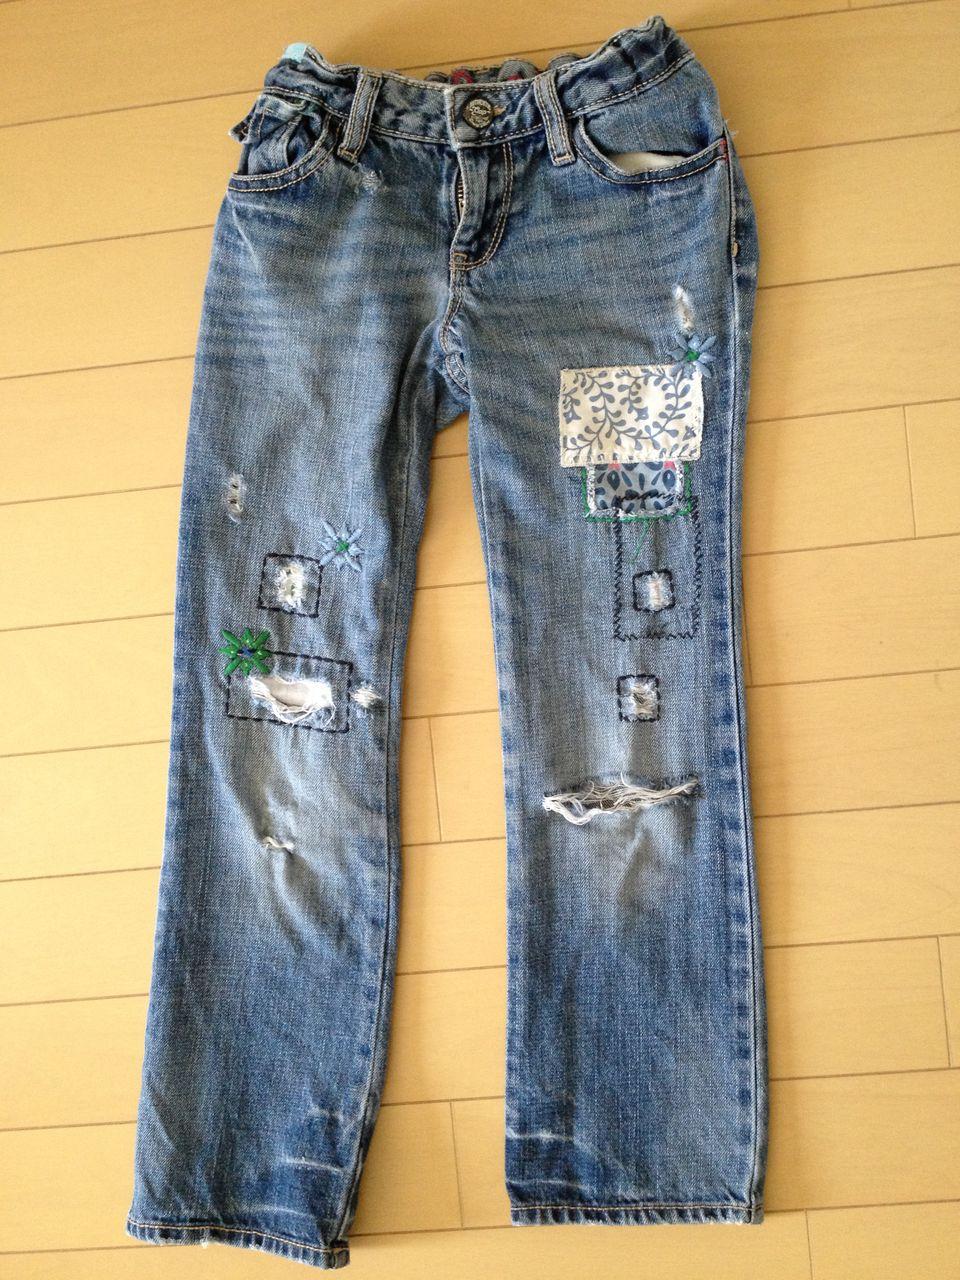 破れたジーンズを修理したい!ジーンズの修理方法と修理グッズを紹介のサムネイル画像